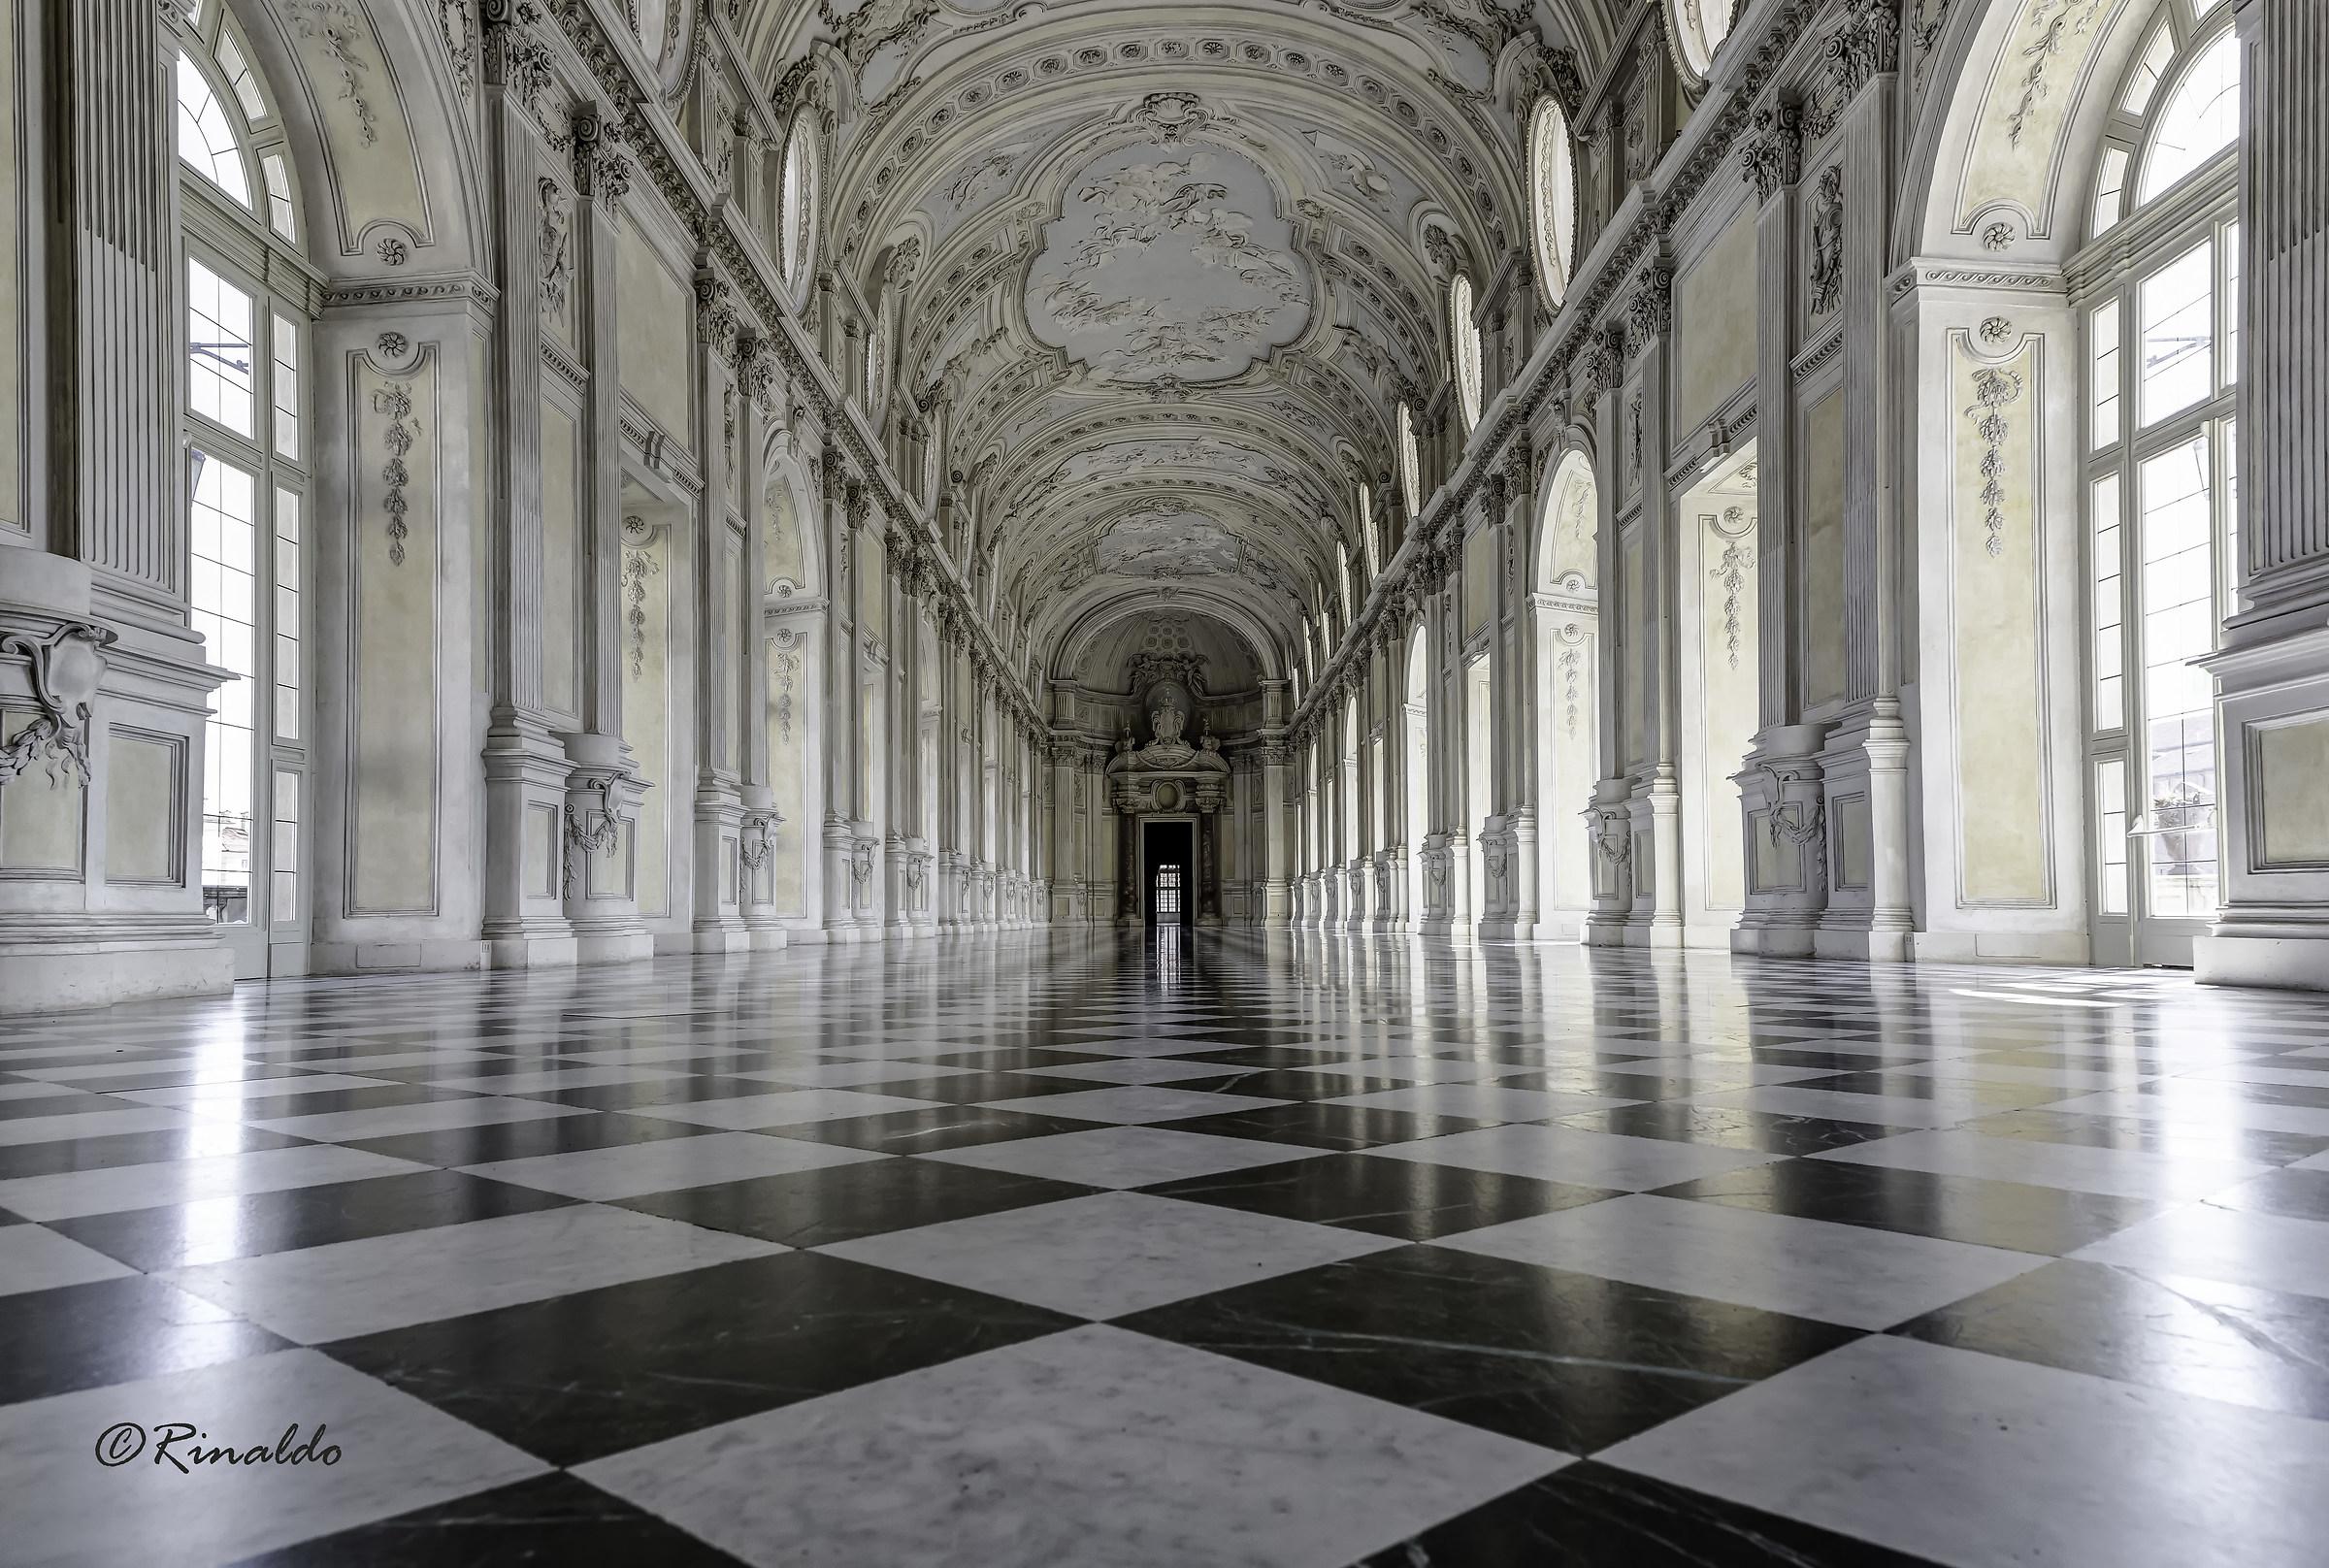 The Grand Gallery of the Reggia di Venaria Reale...